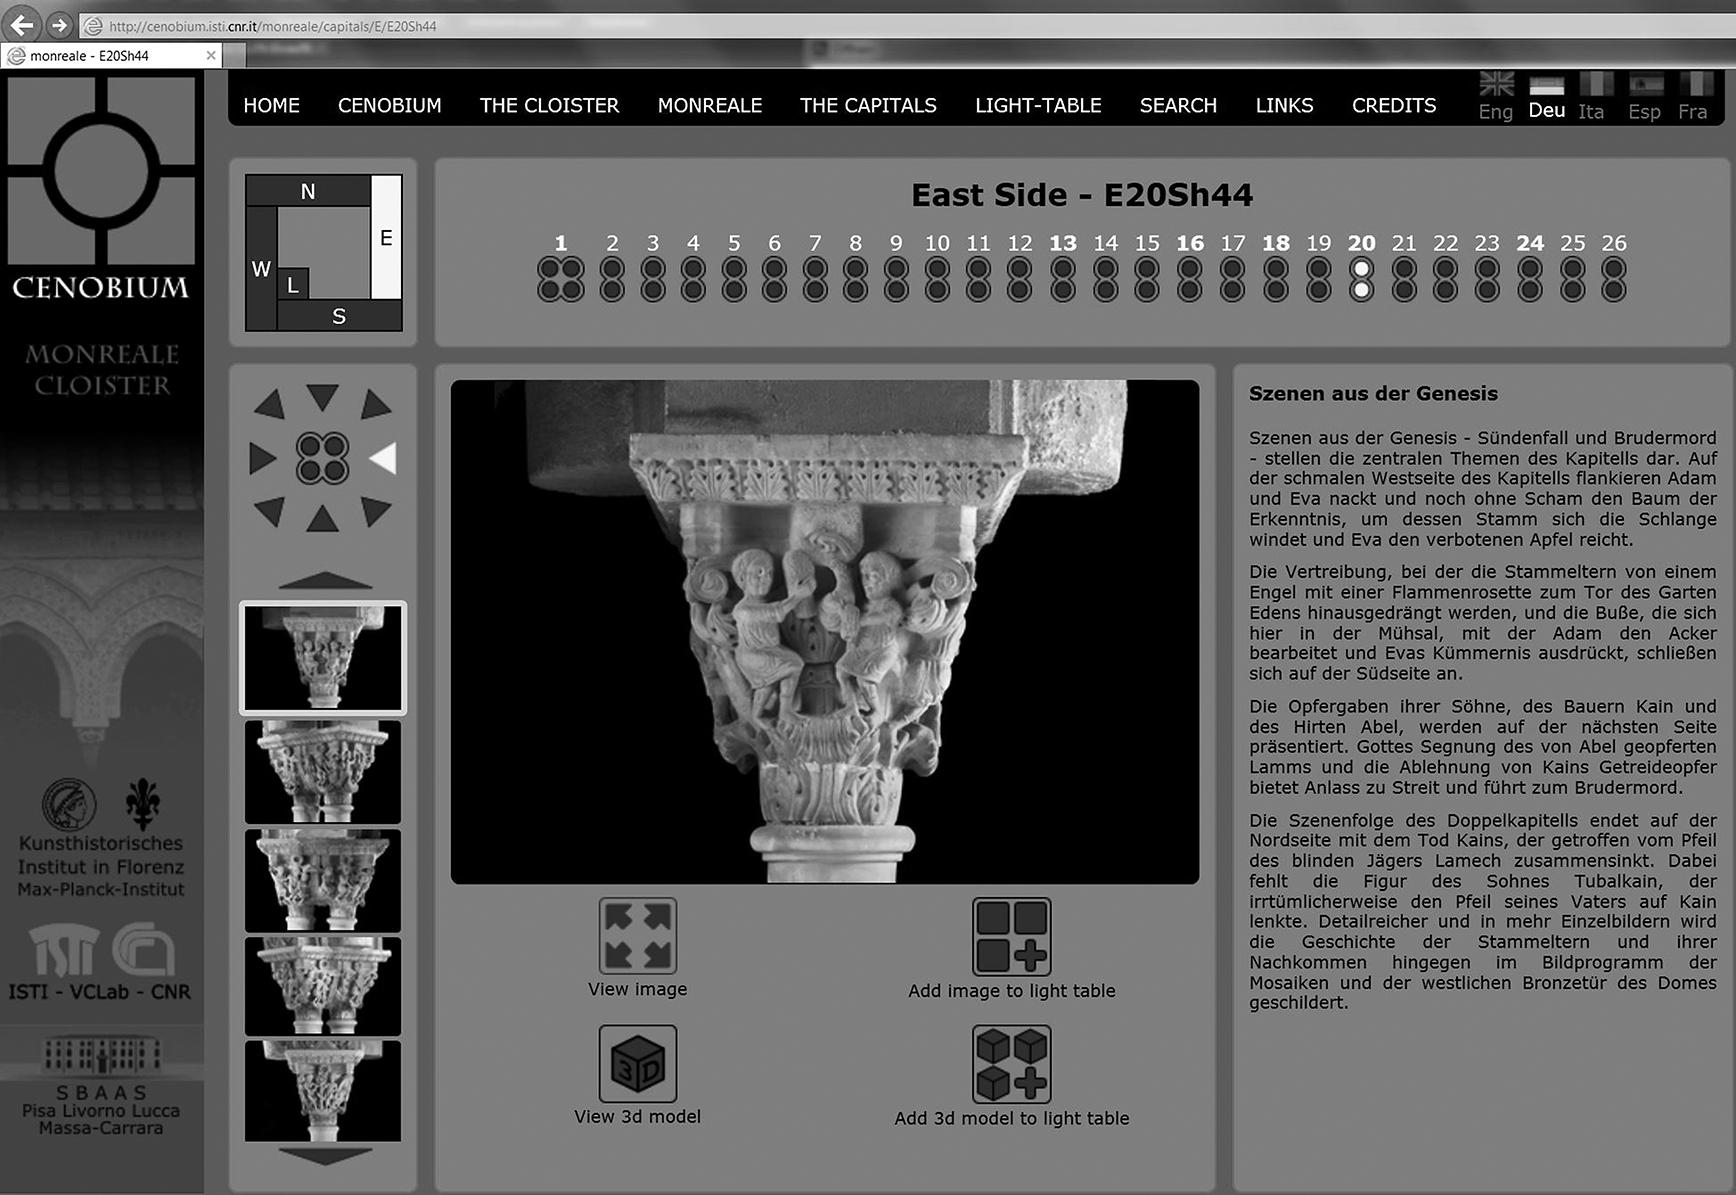 Genesiskapitell aus dem Kreuzgang von Monreale, auf der Webseite CENOBIUM (© KHI-MPI / ISTI-CNR)